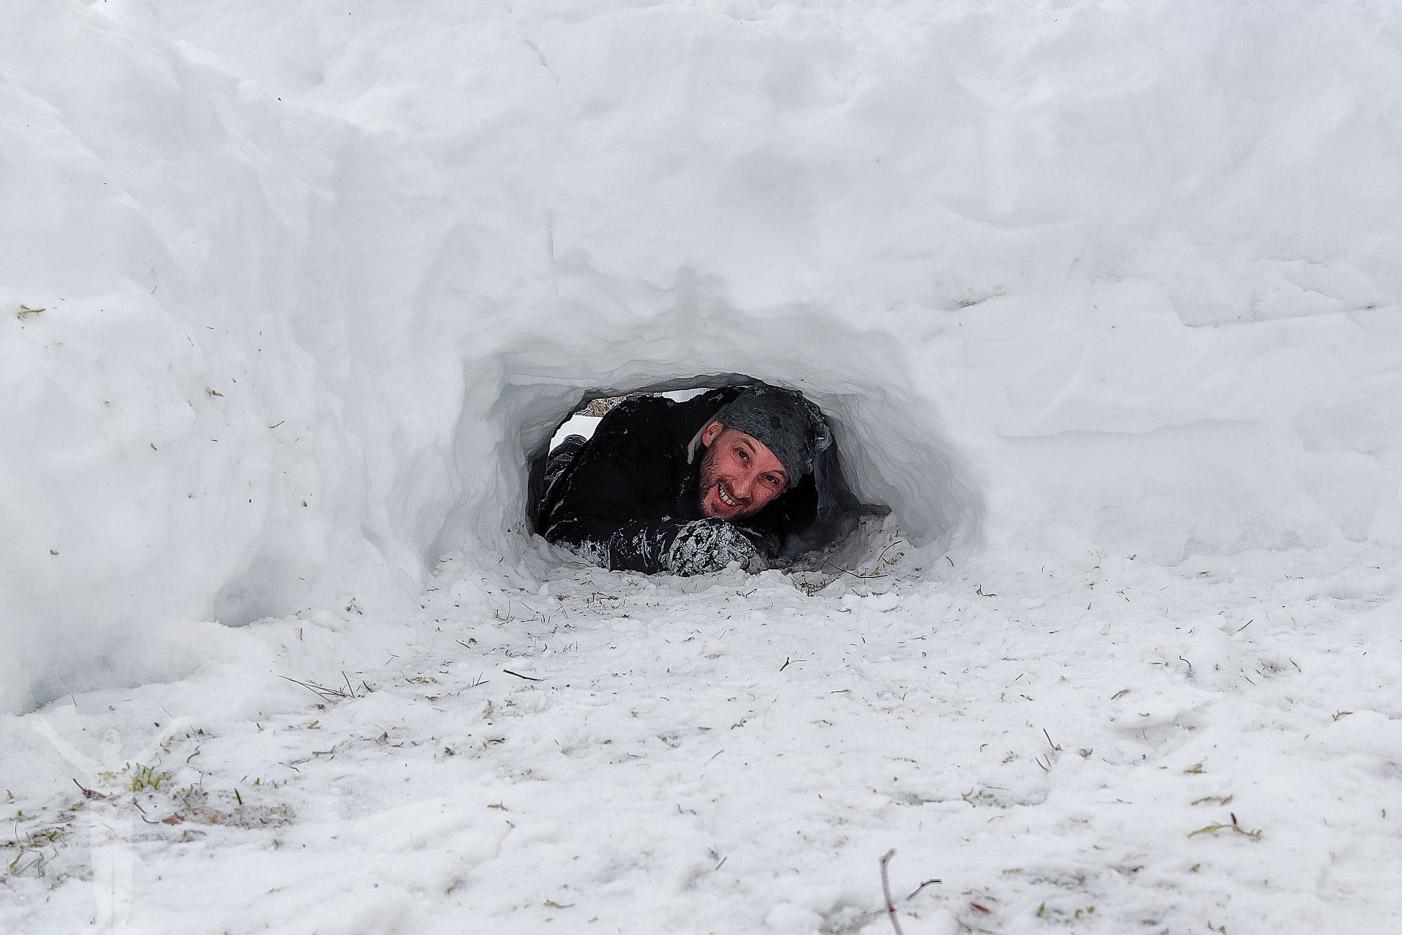 Dryden har grävt en snögrotta